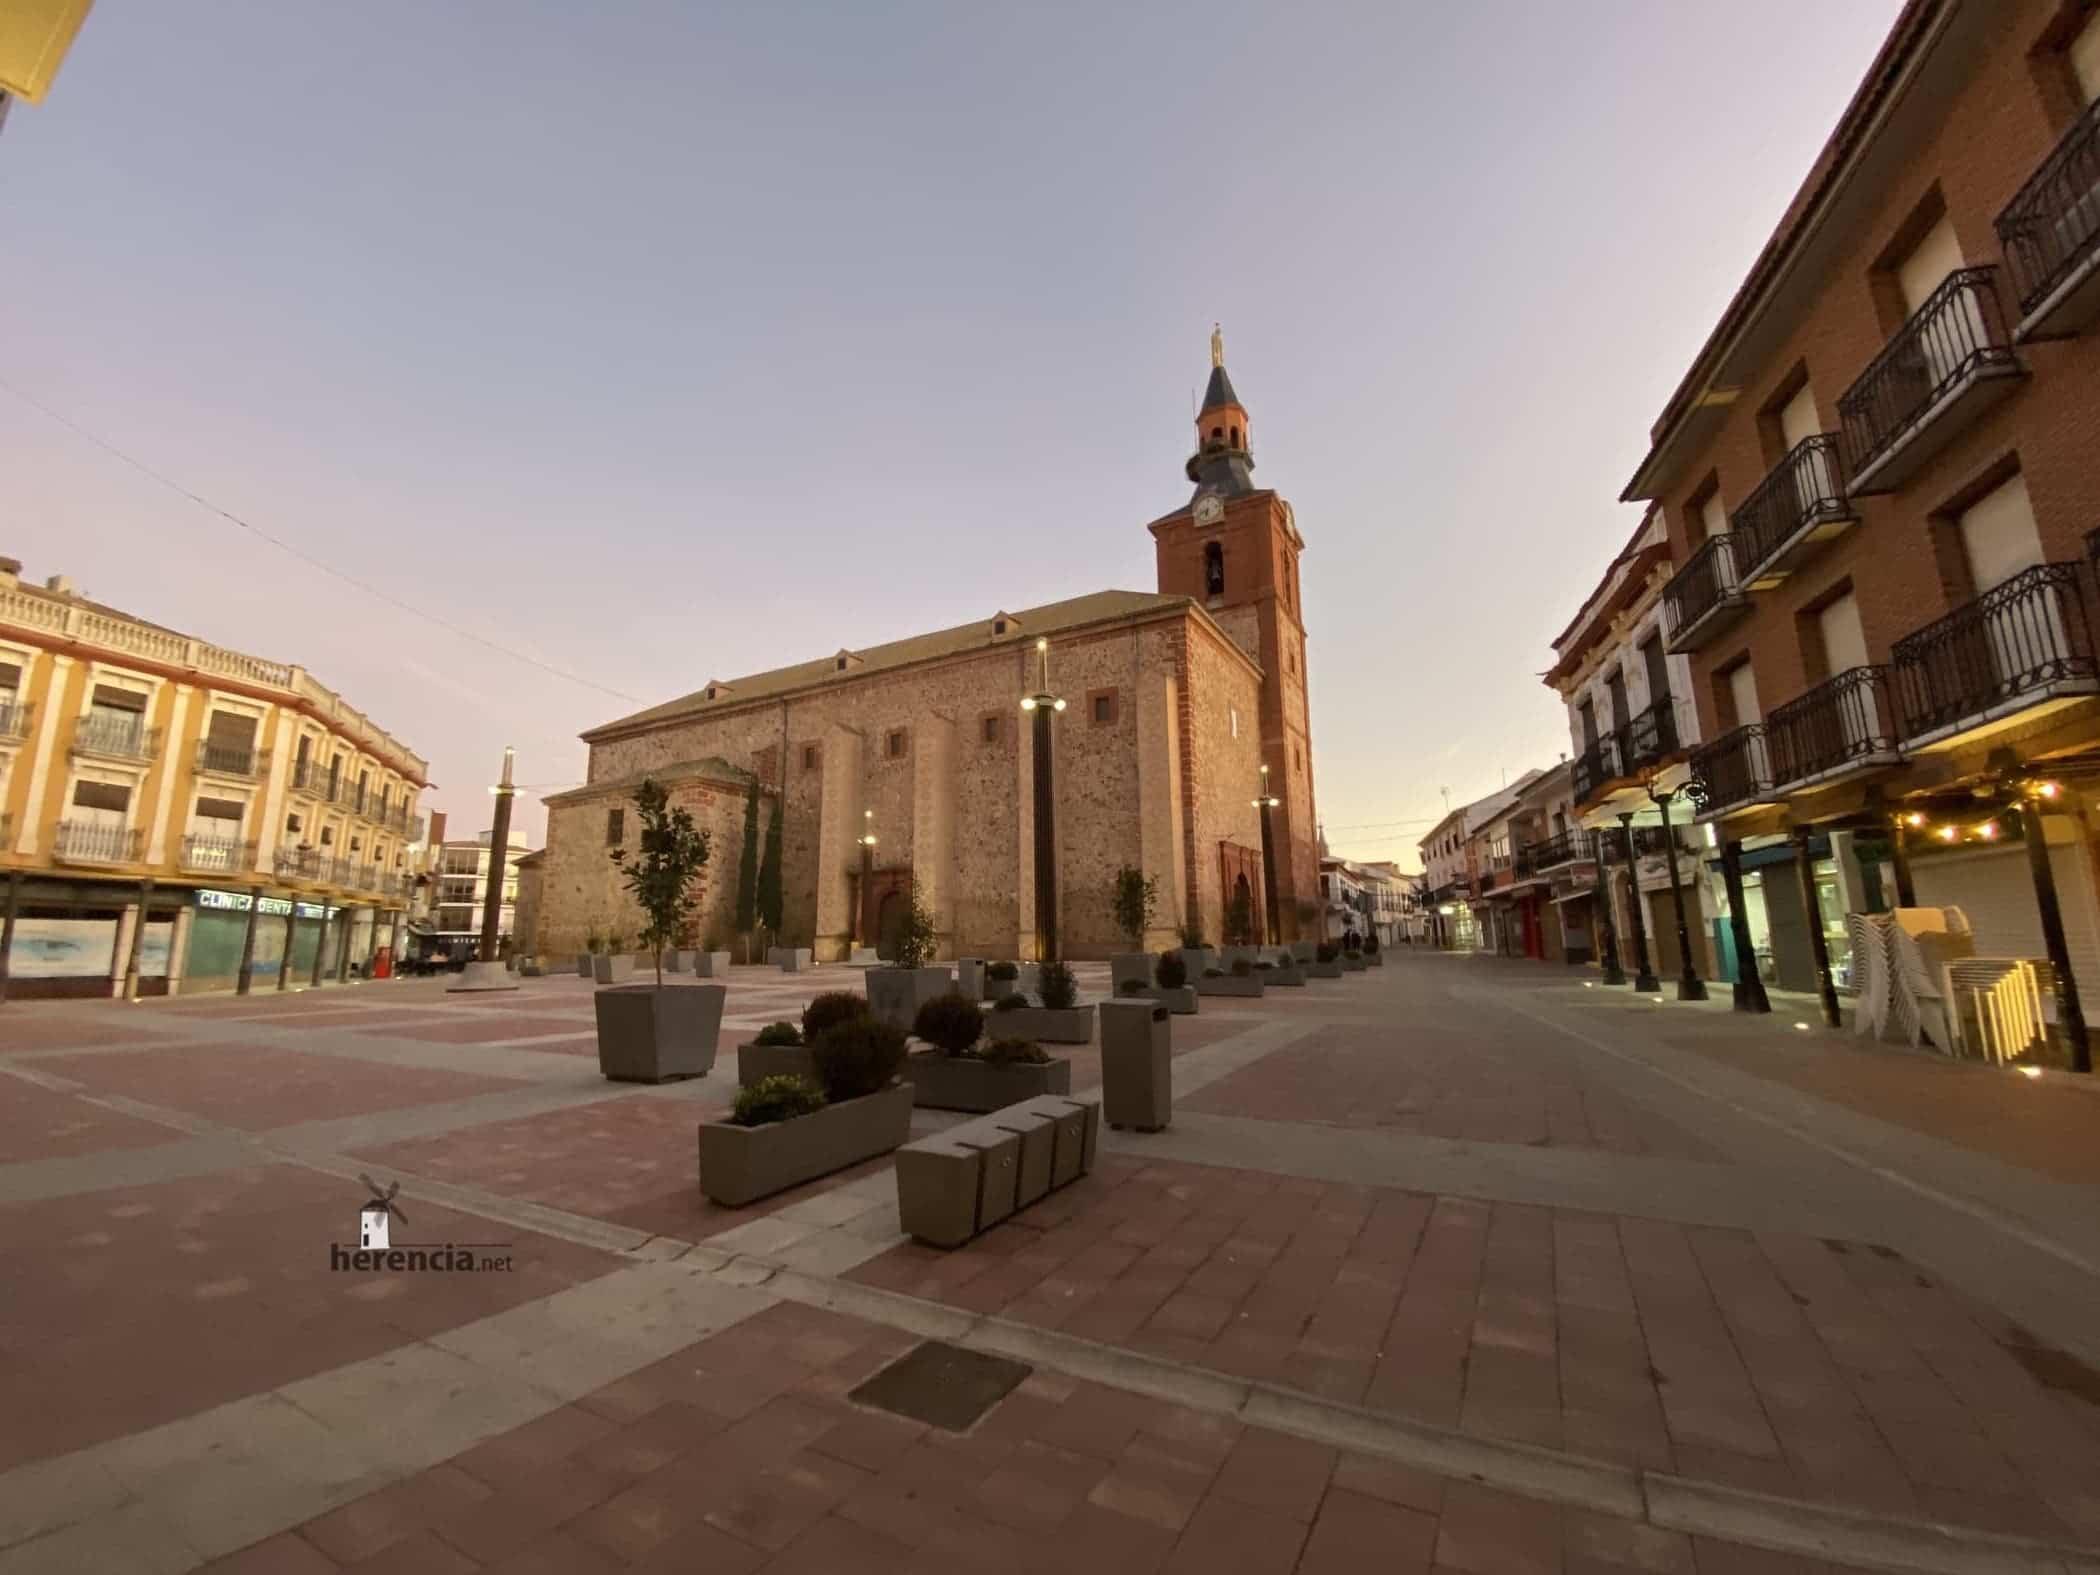 plaza espana herencia iglesia 2020 - Herencia en el concurso para elegir El Pueblo más bonito de Castilla-La Mancha 2020